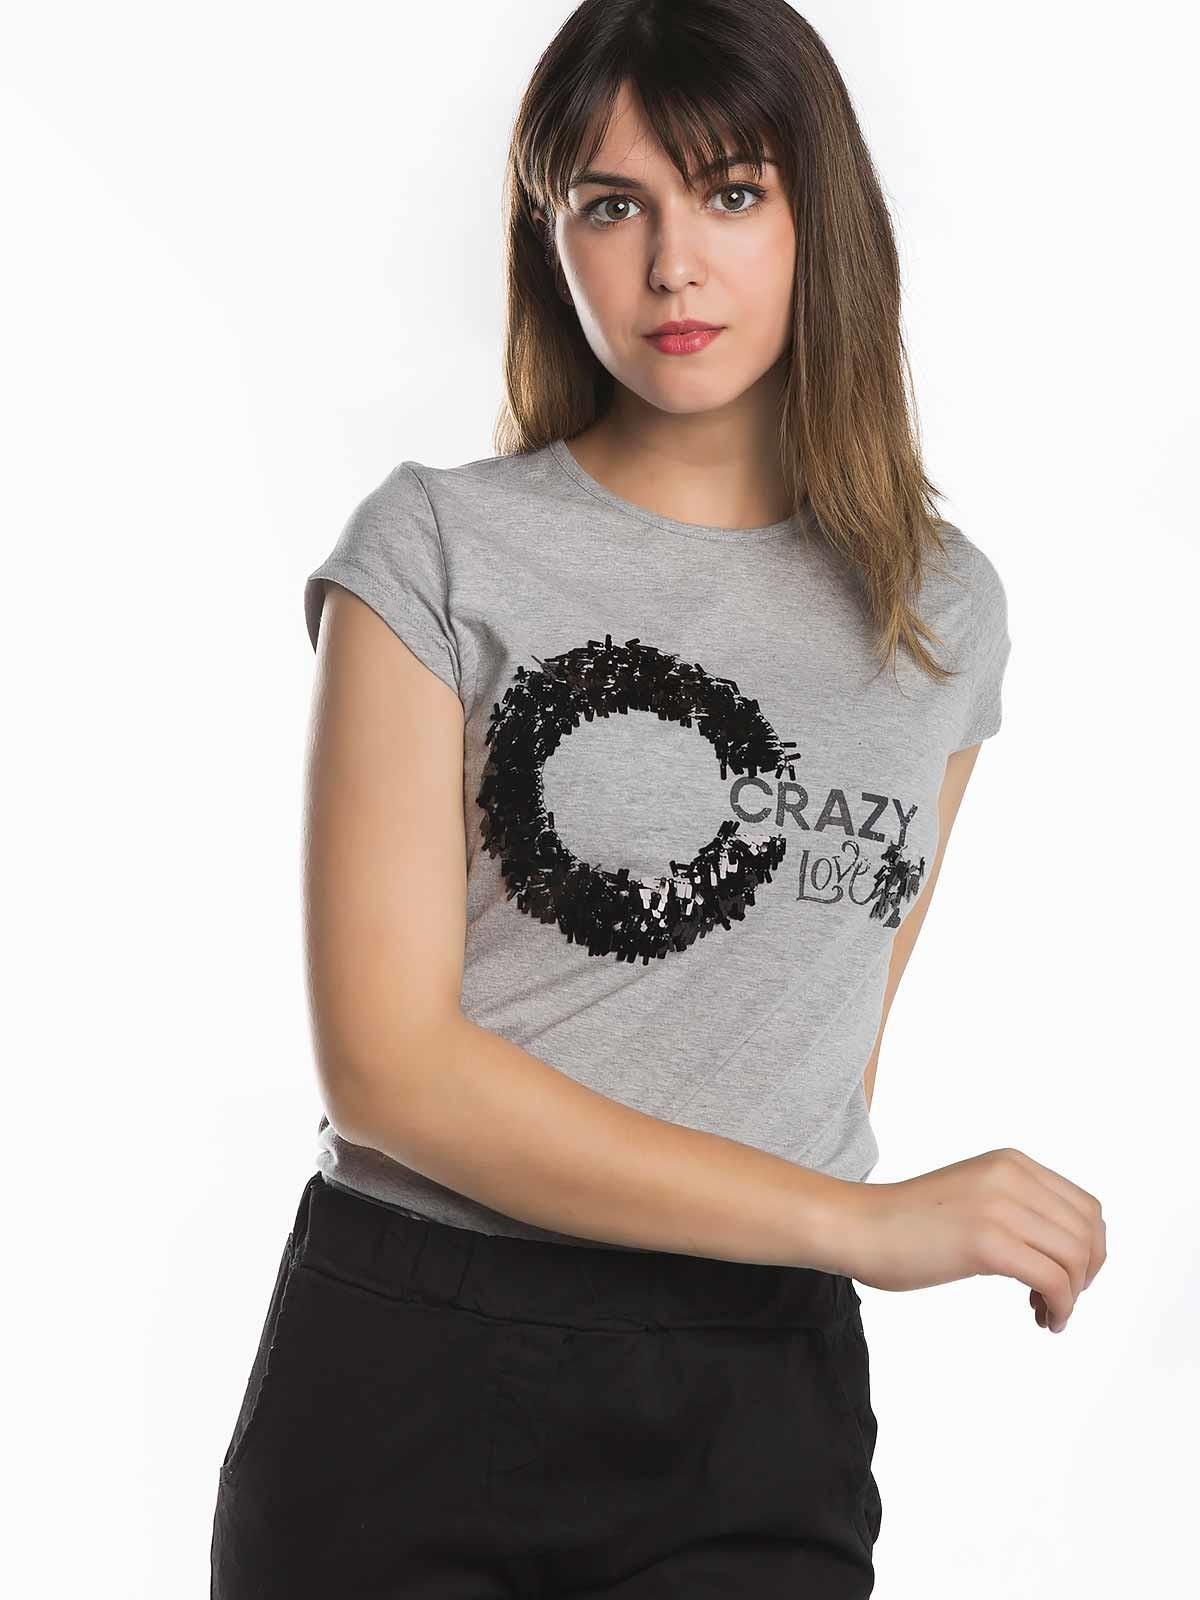 T-shirt lantejoulas Crazy